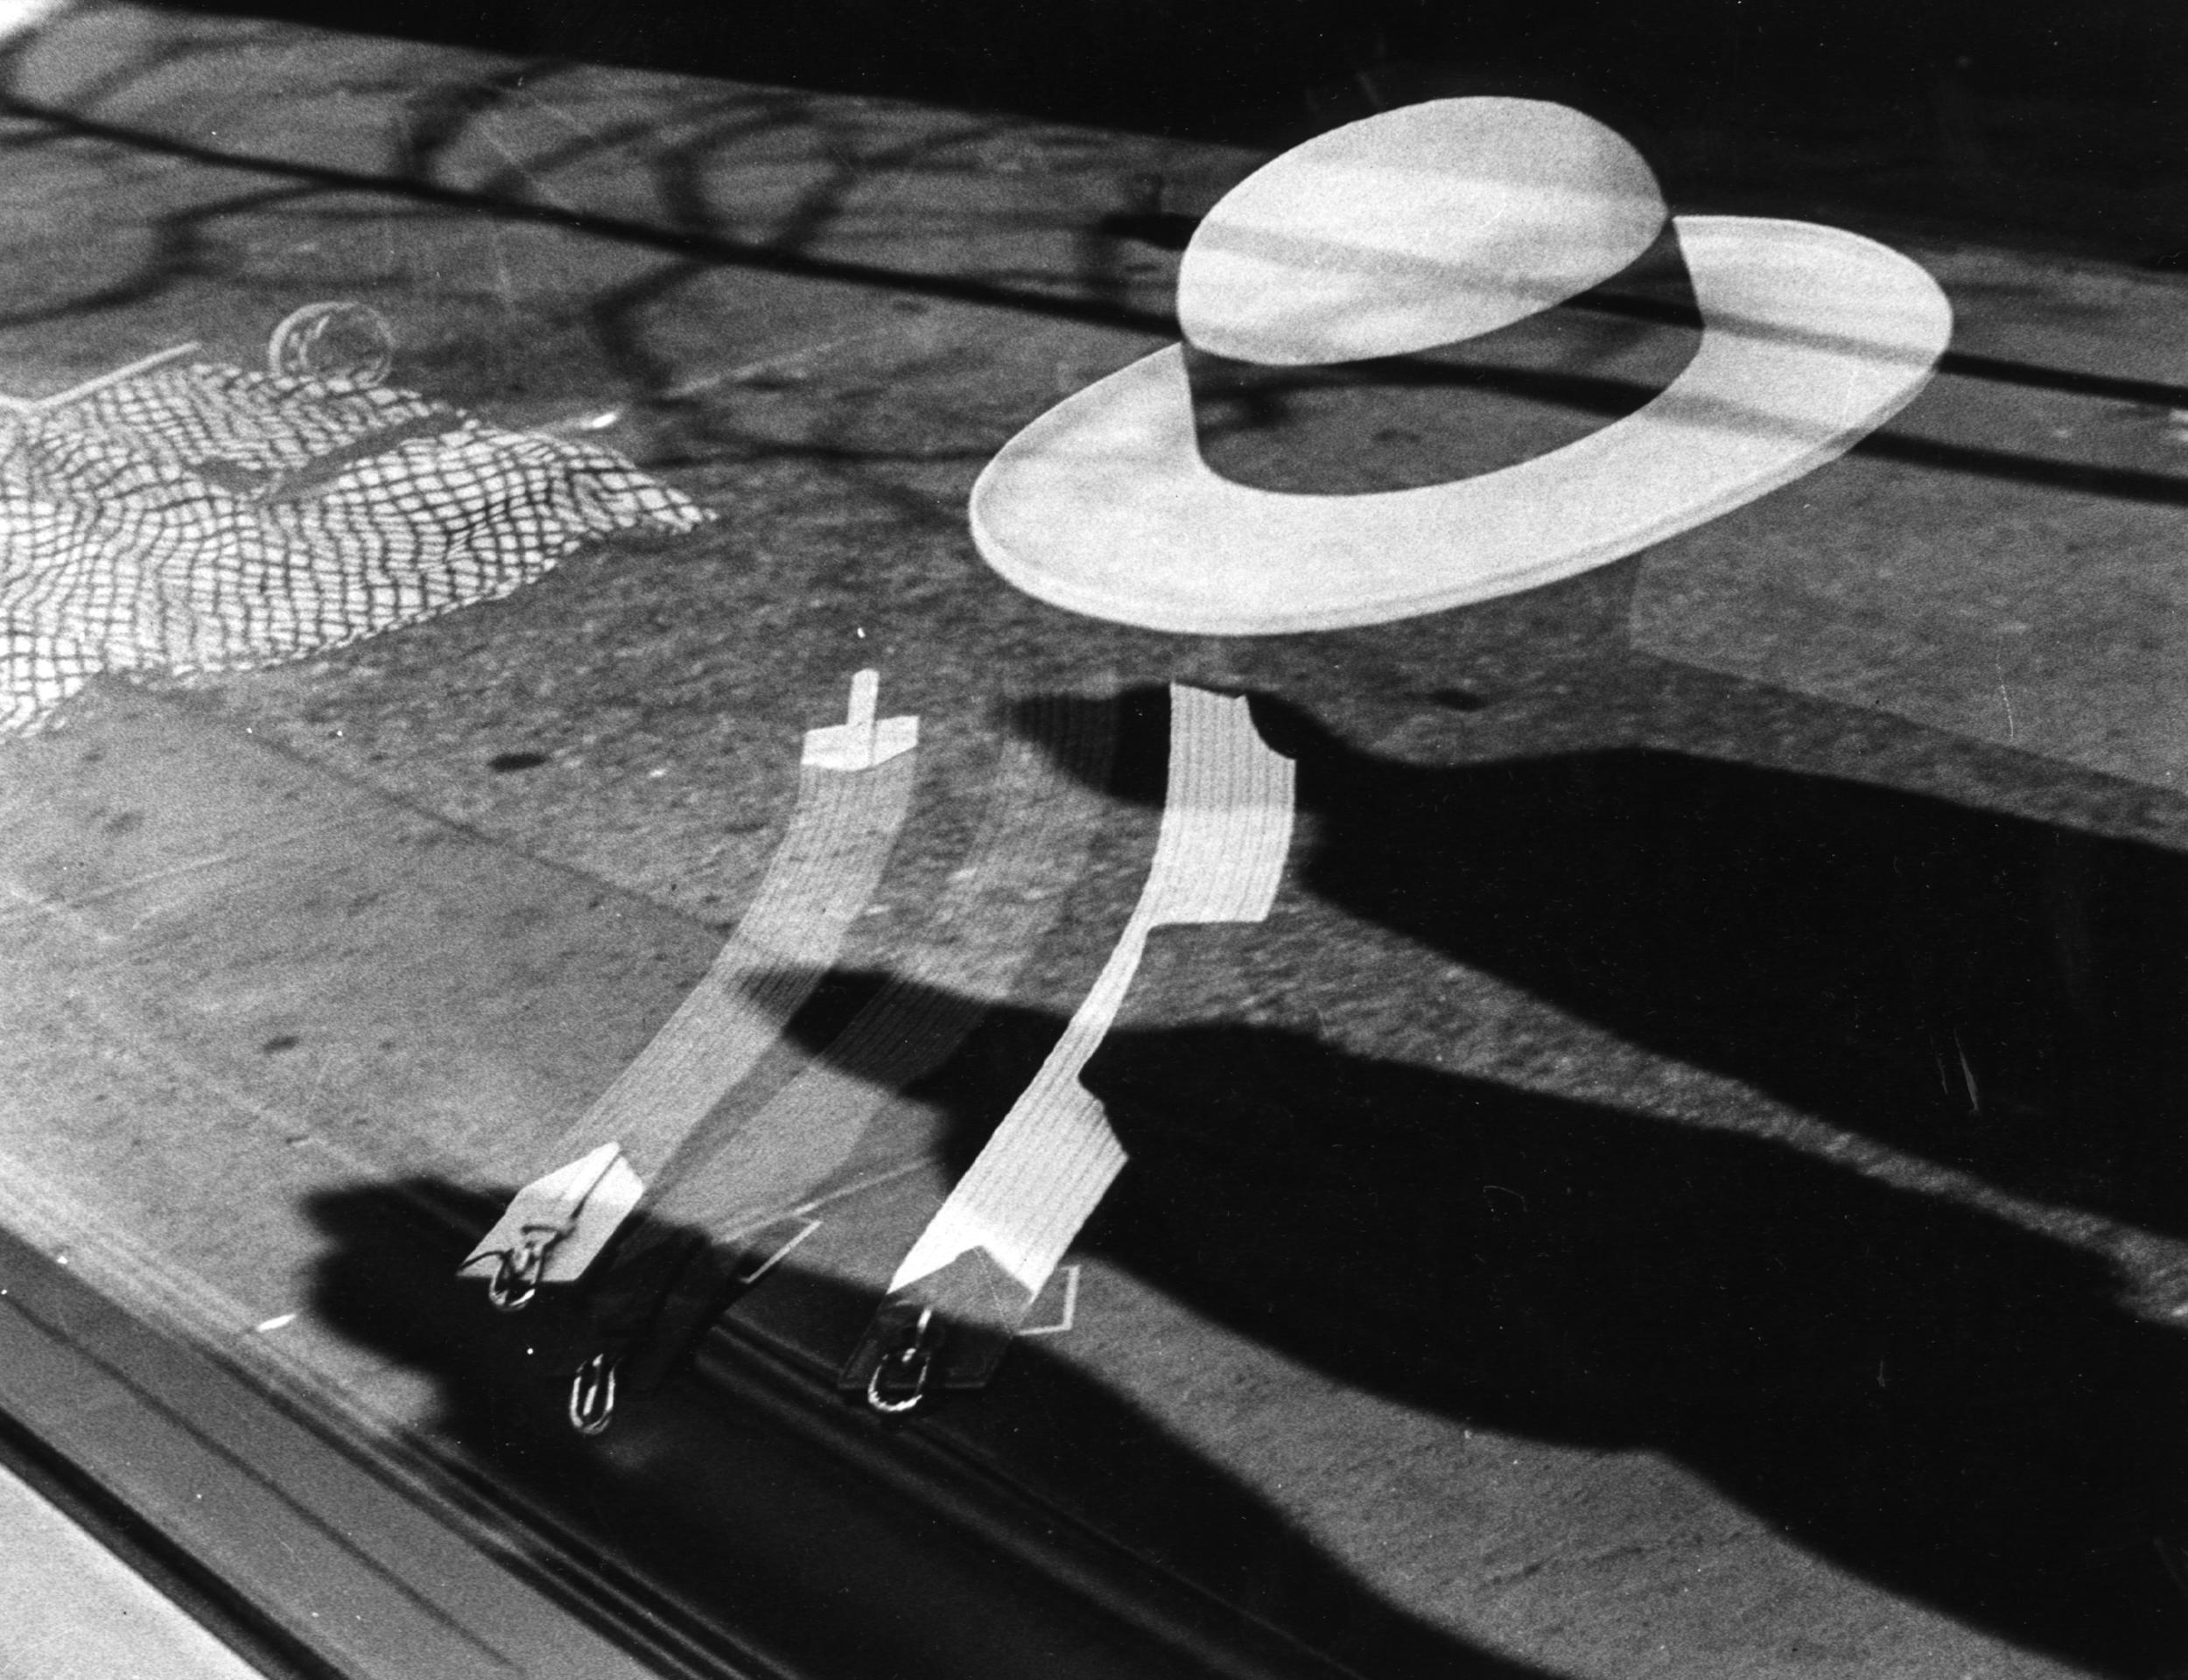 hat_and_suspenders_8.5.jpg